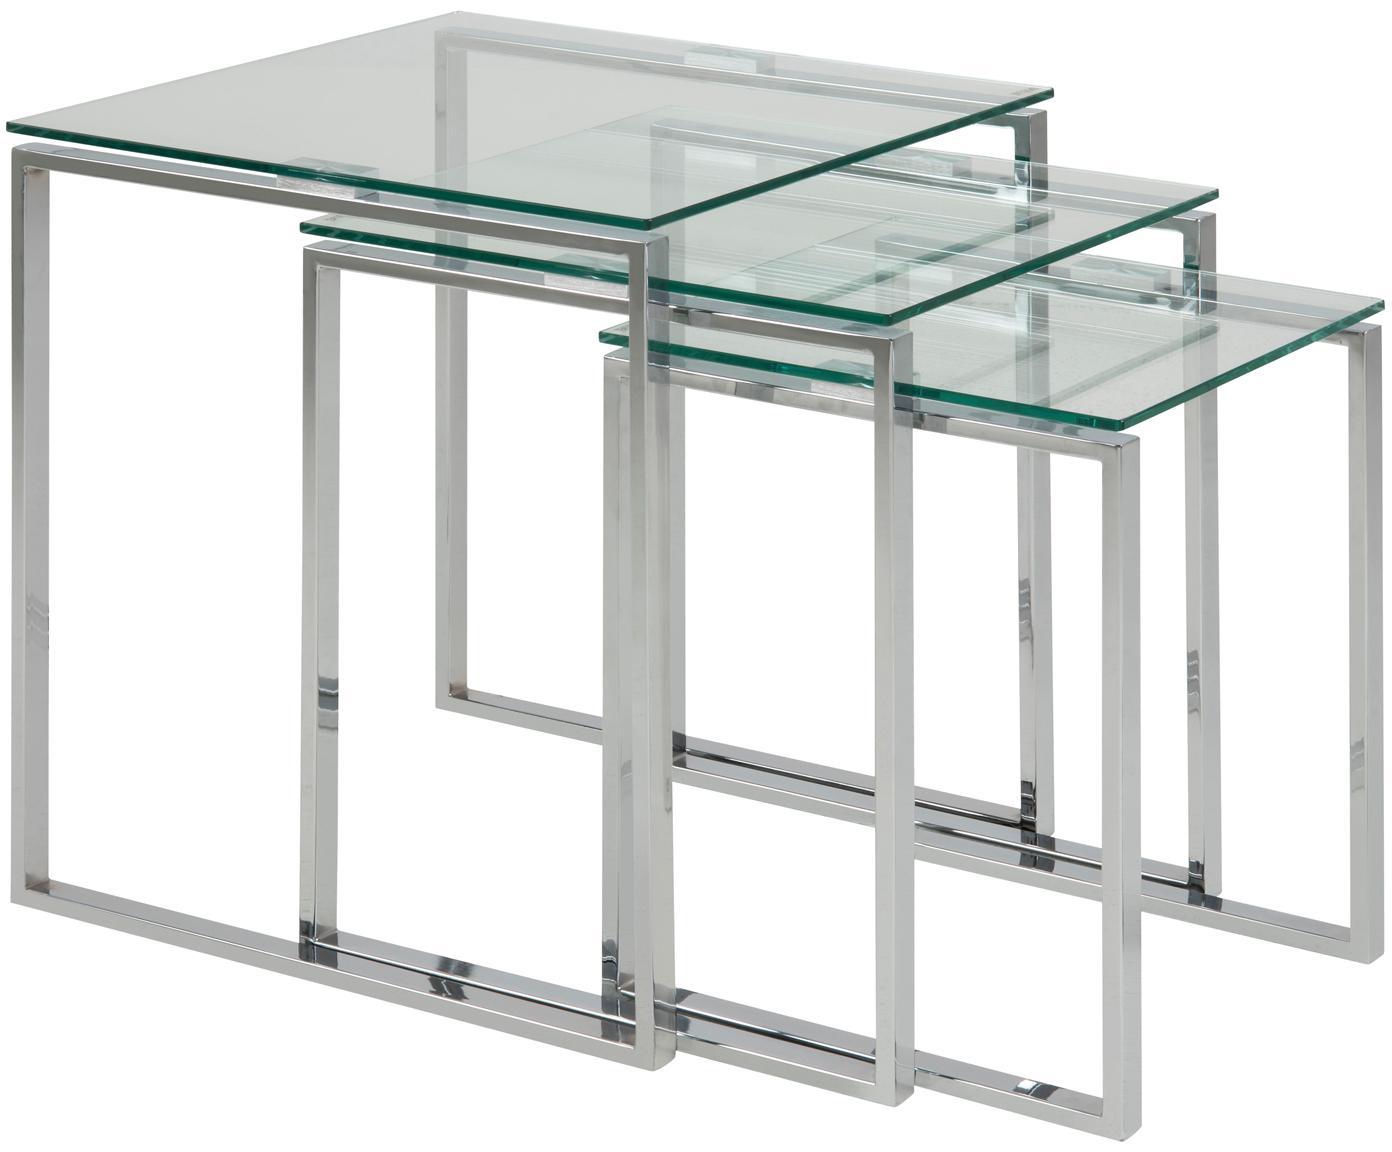 Set de mesas auxiliares Katrine, 3uds., tablero de cristal, Estructura: acero, cromado, Tablero: vidrio laminado, Cromo, transparente, Tamaños diferentes